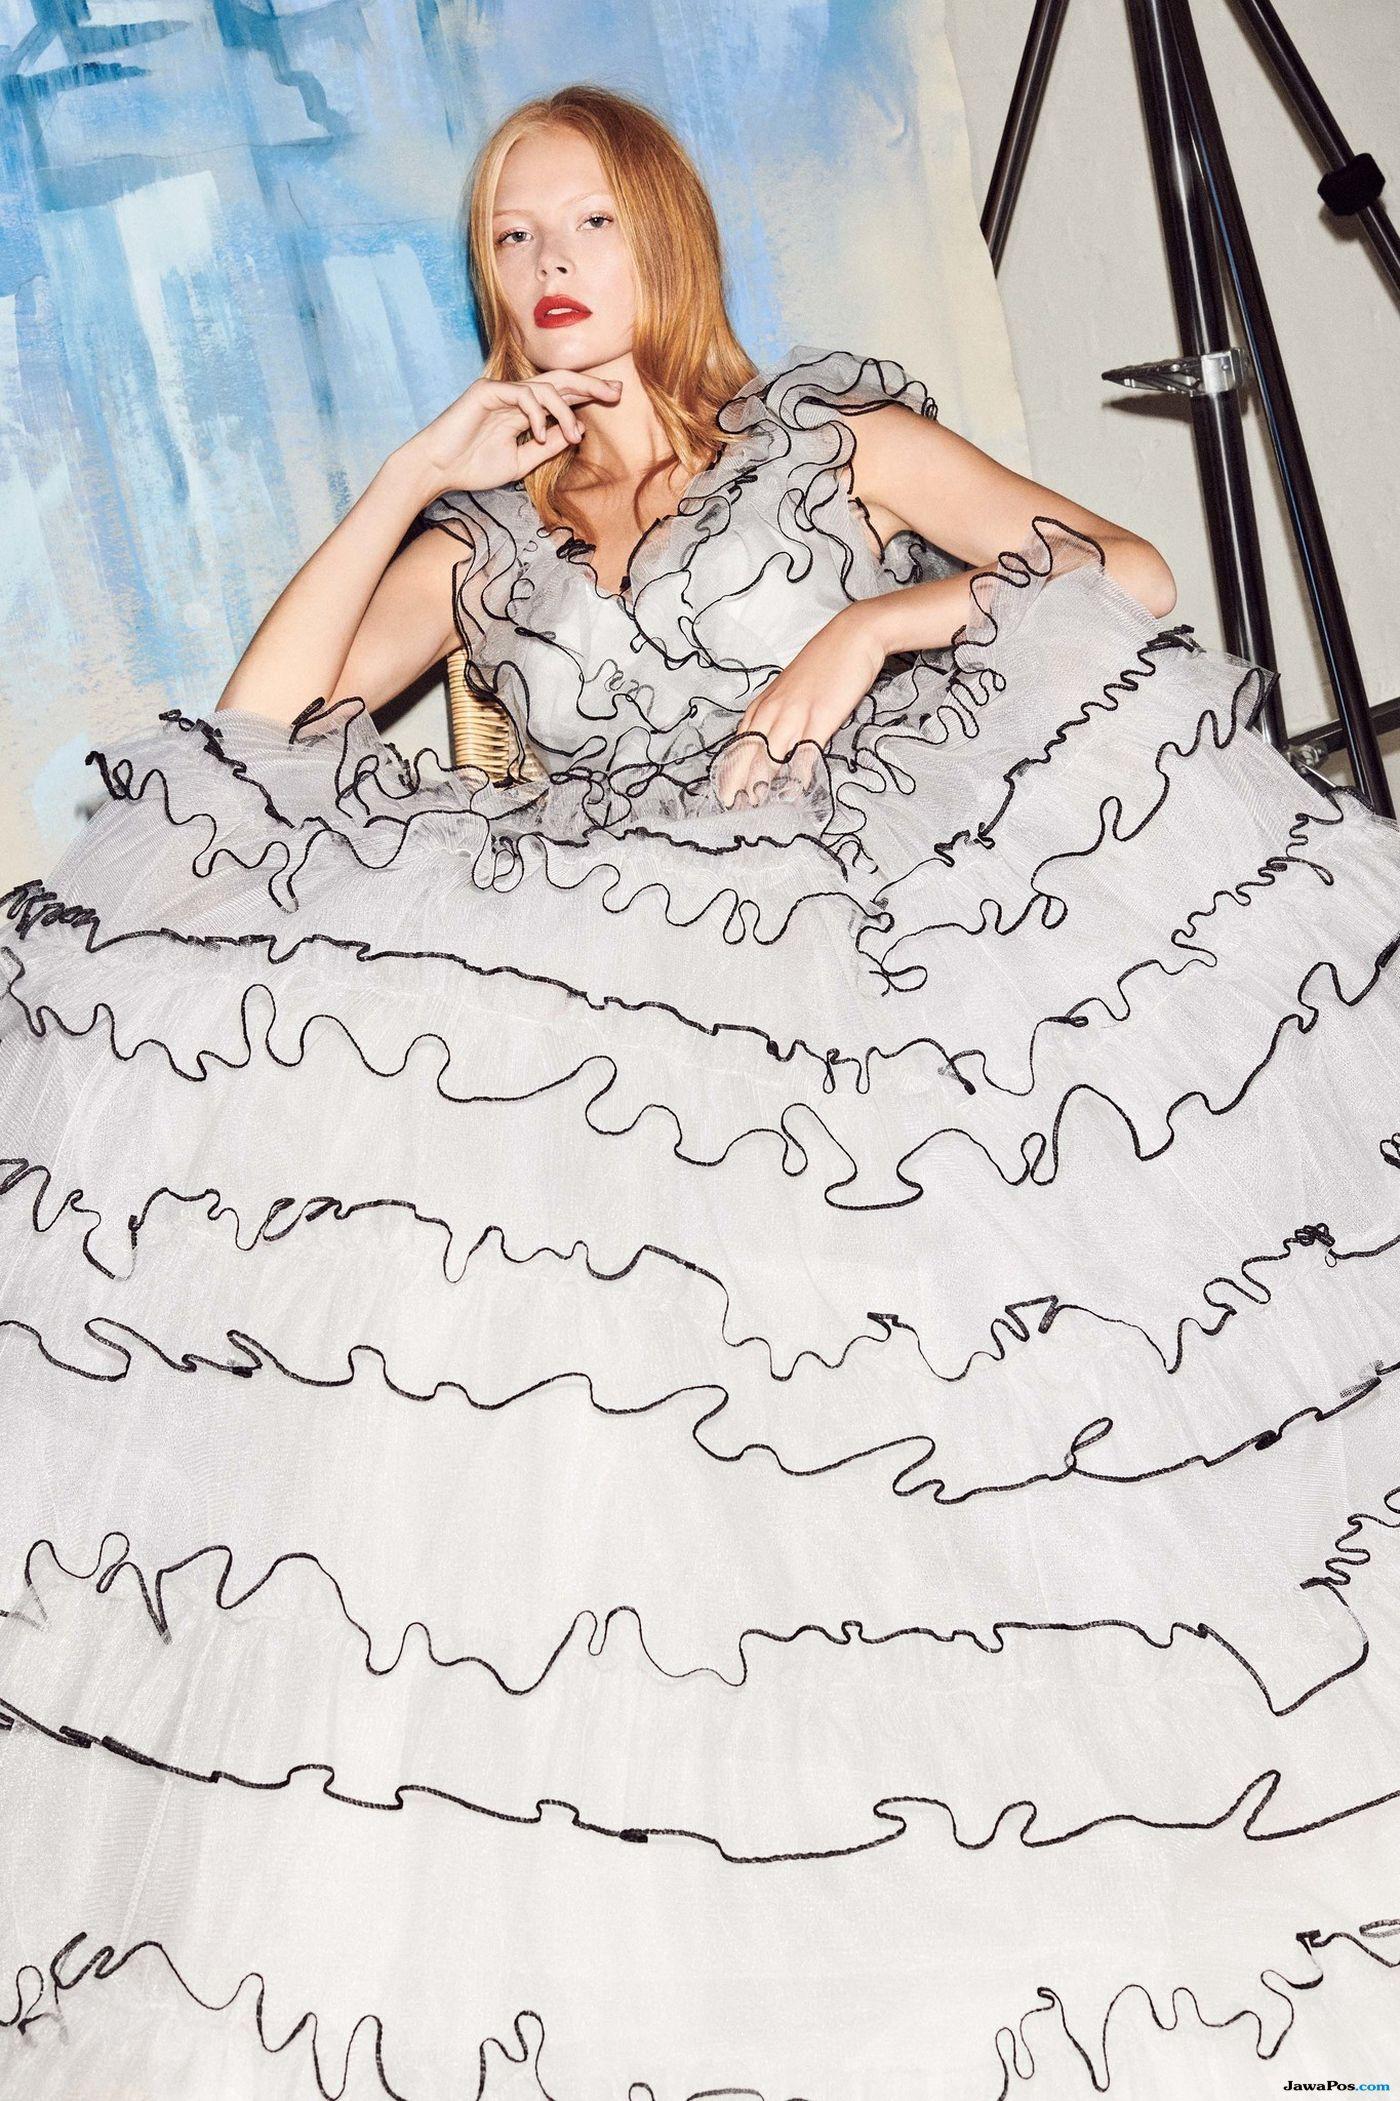 LFW 2019 : Rancangan Gaun Baju Tidur oleh Desainer Packham